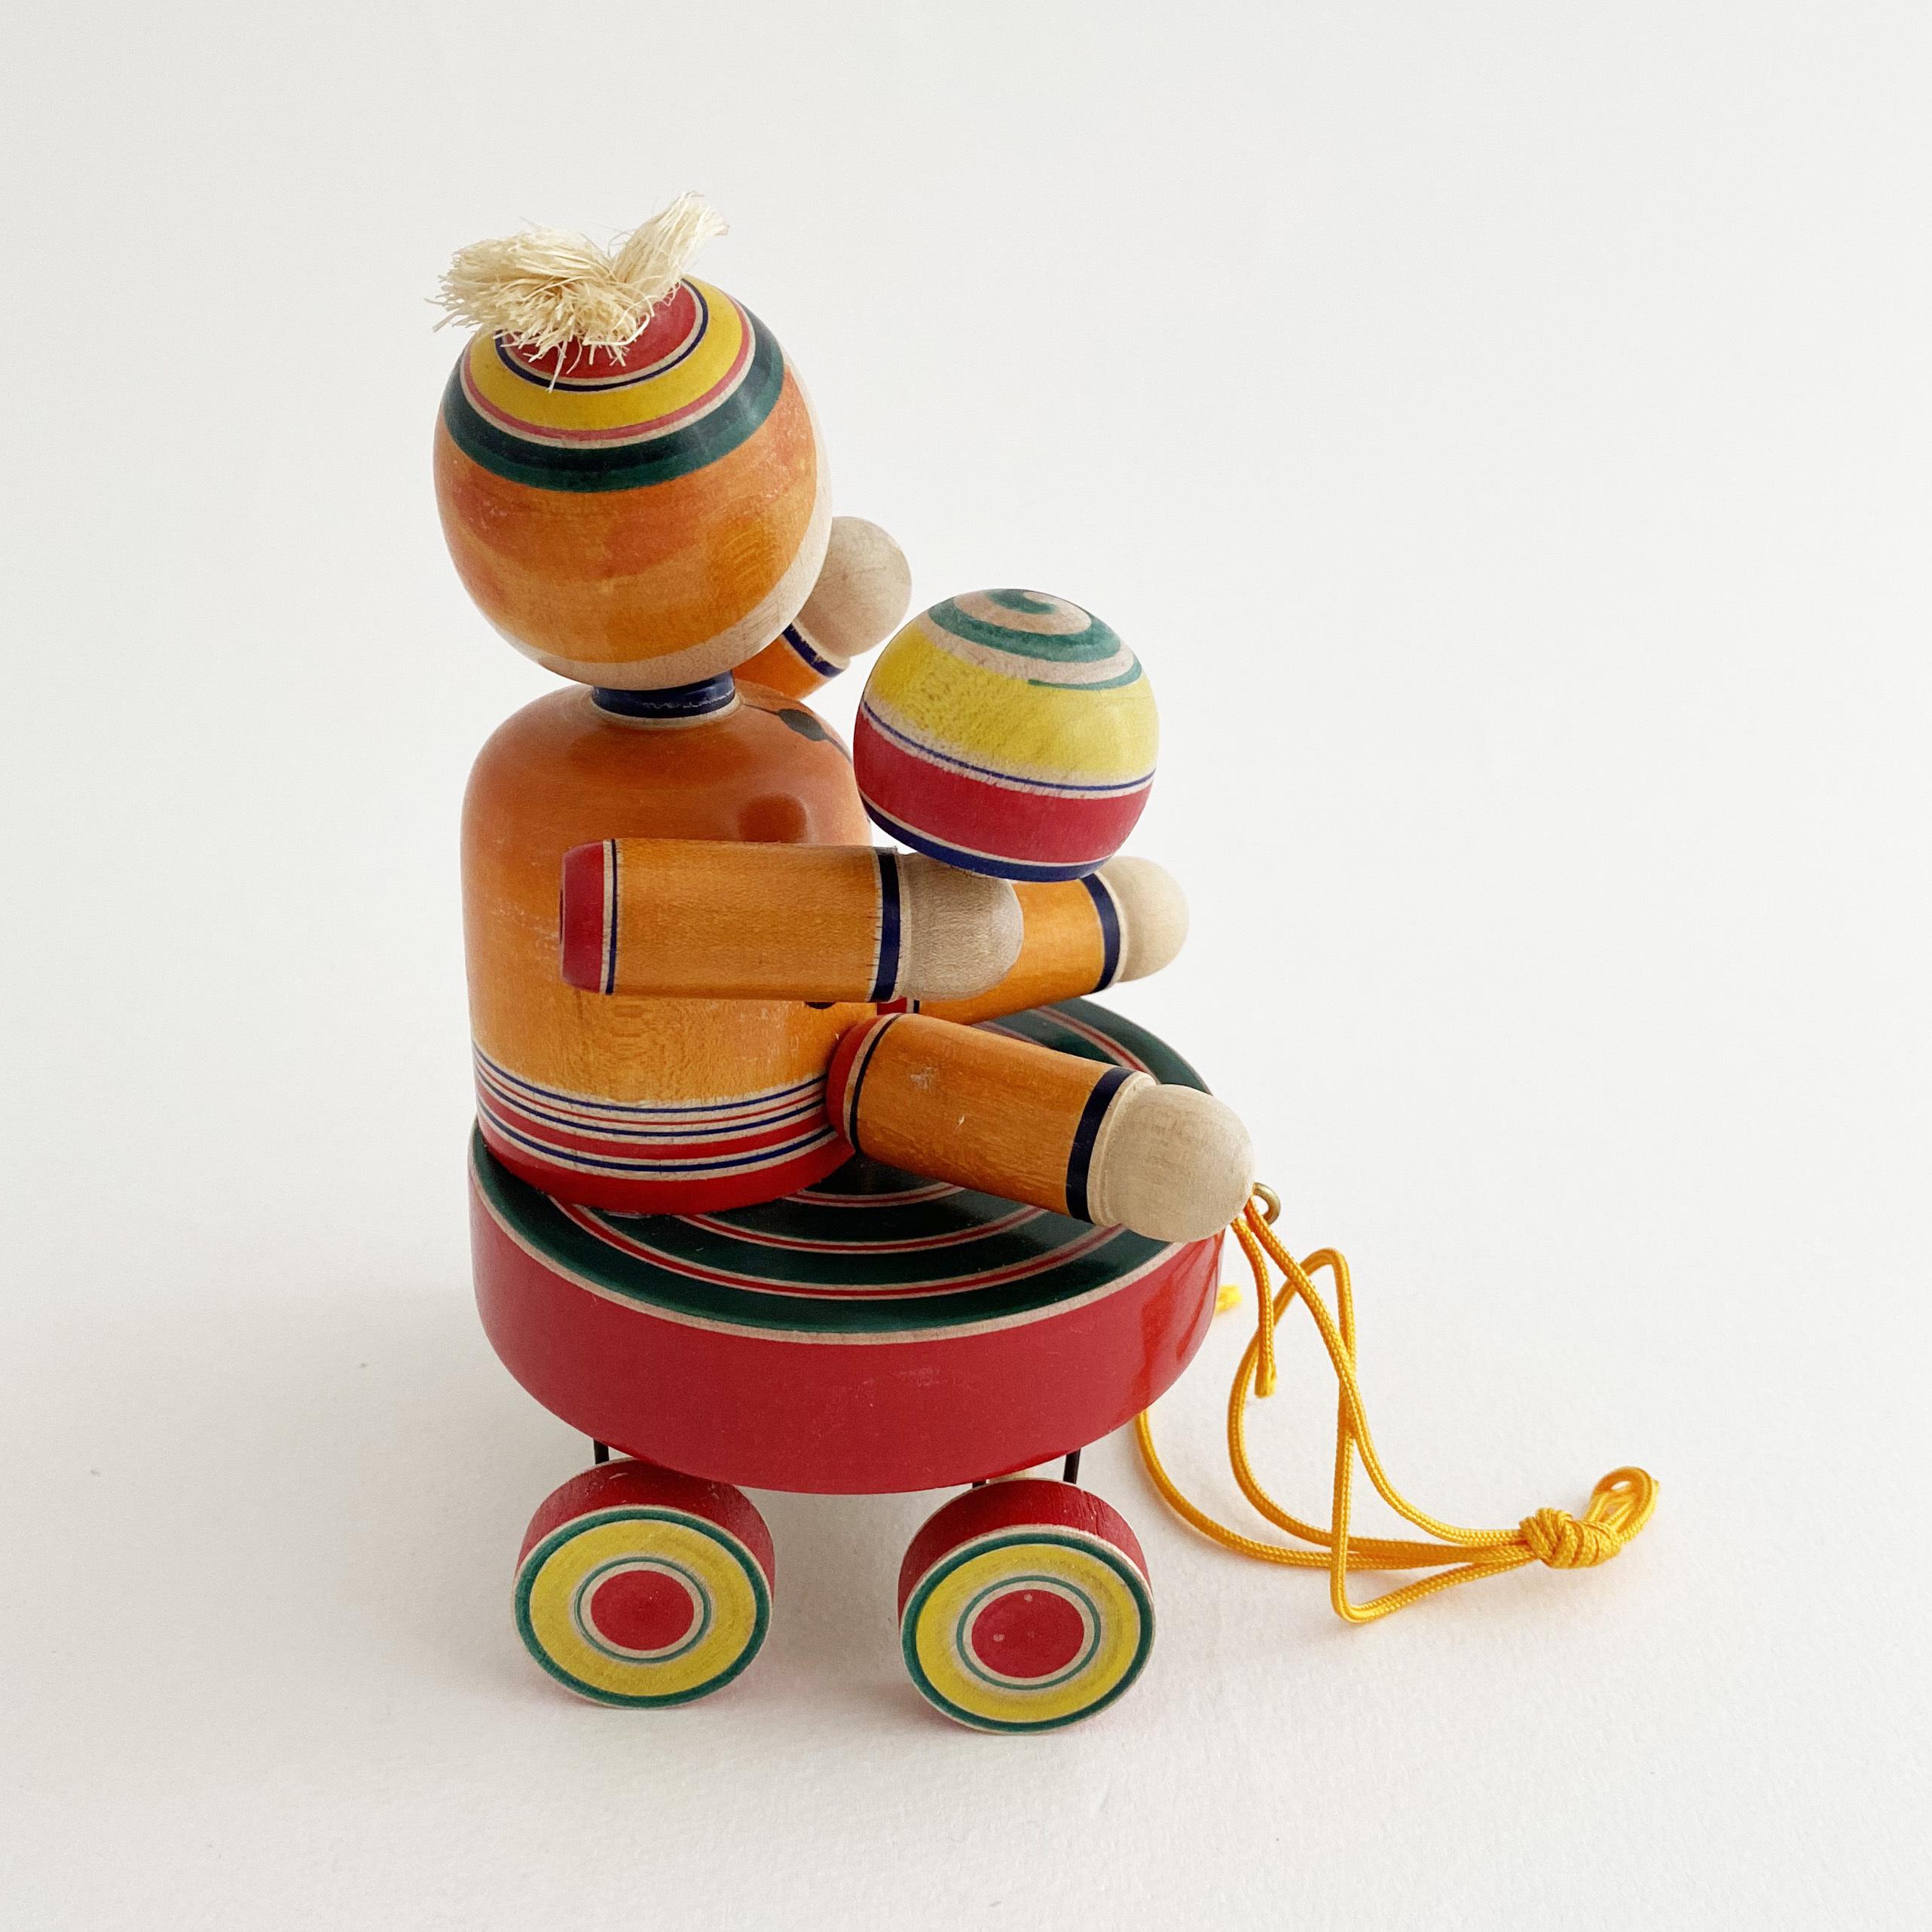 蔦玩具「正ちゃんのだだっ子」